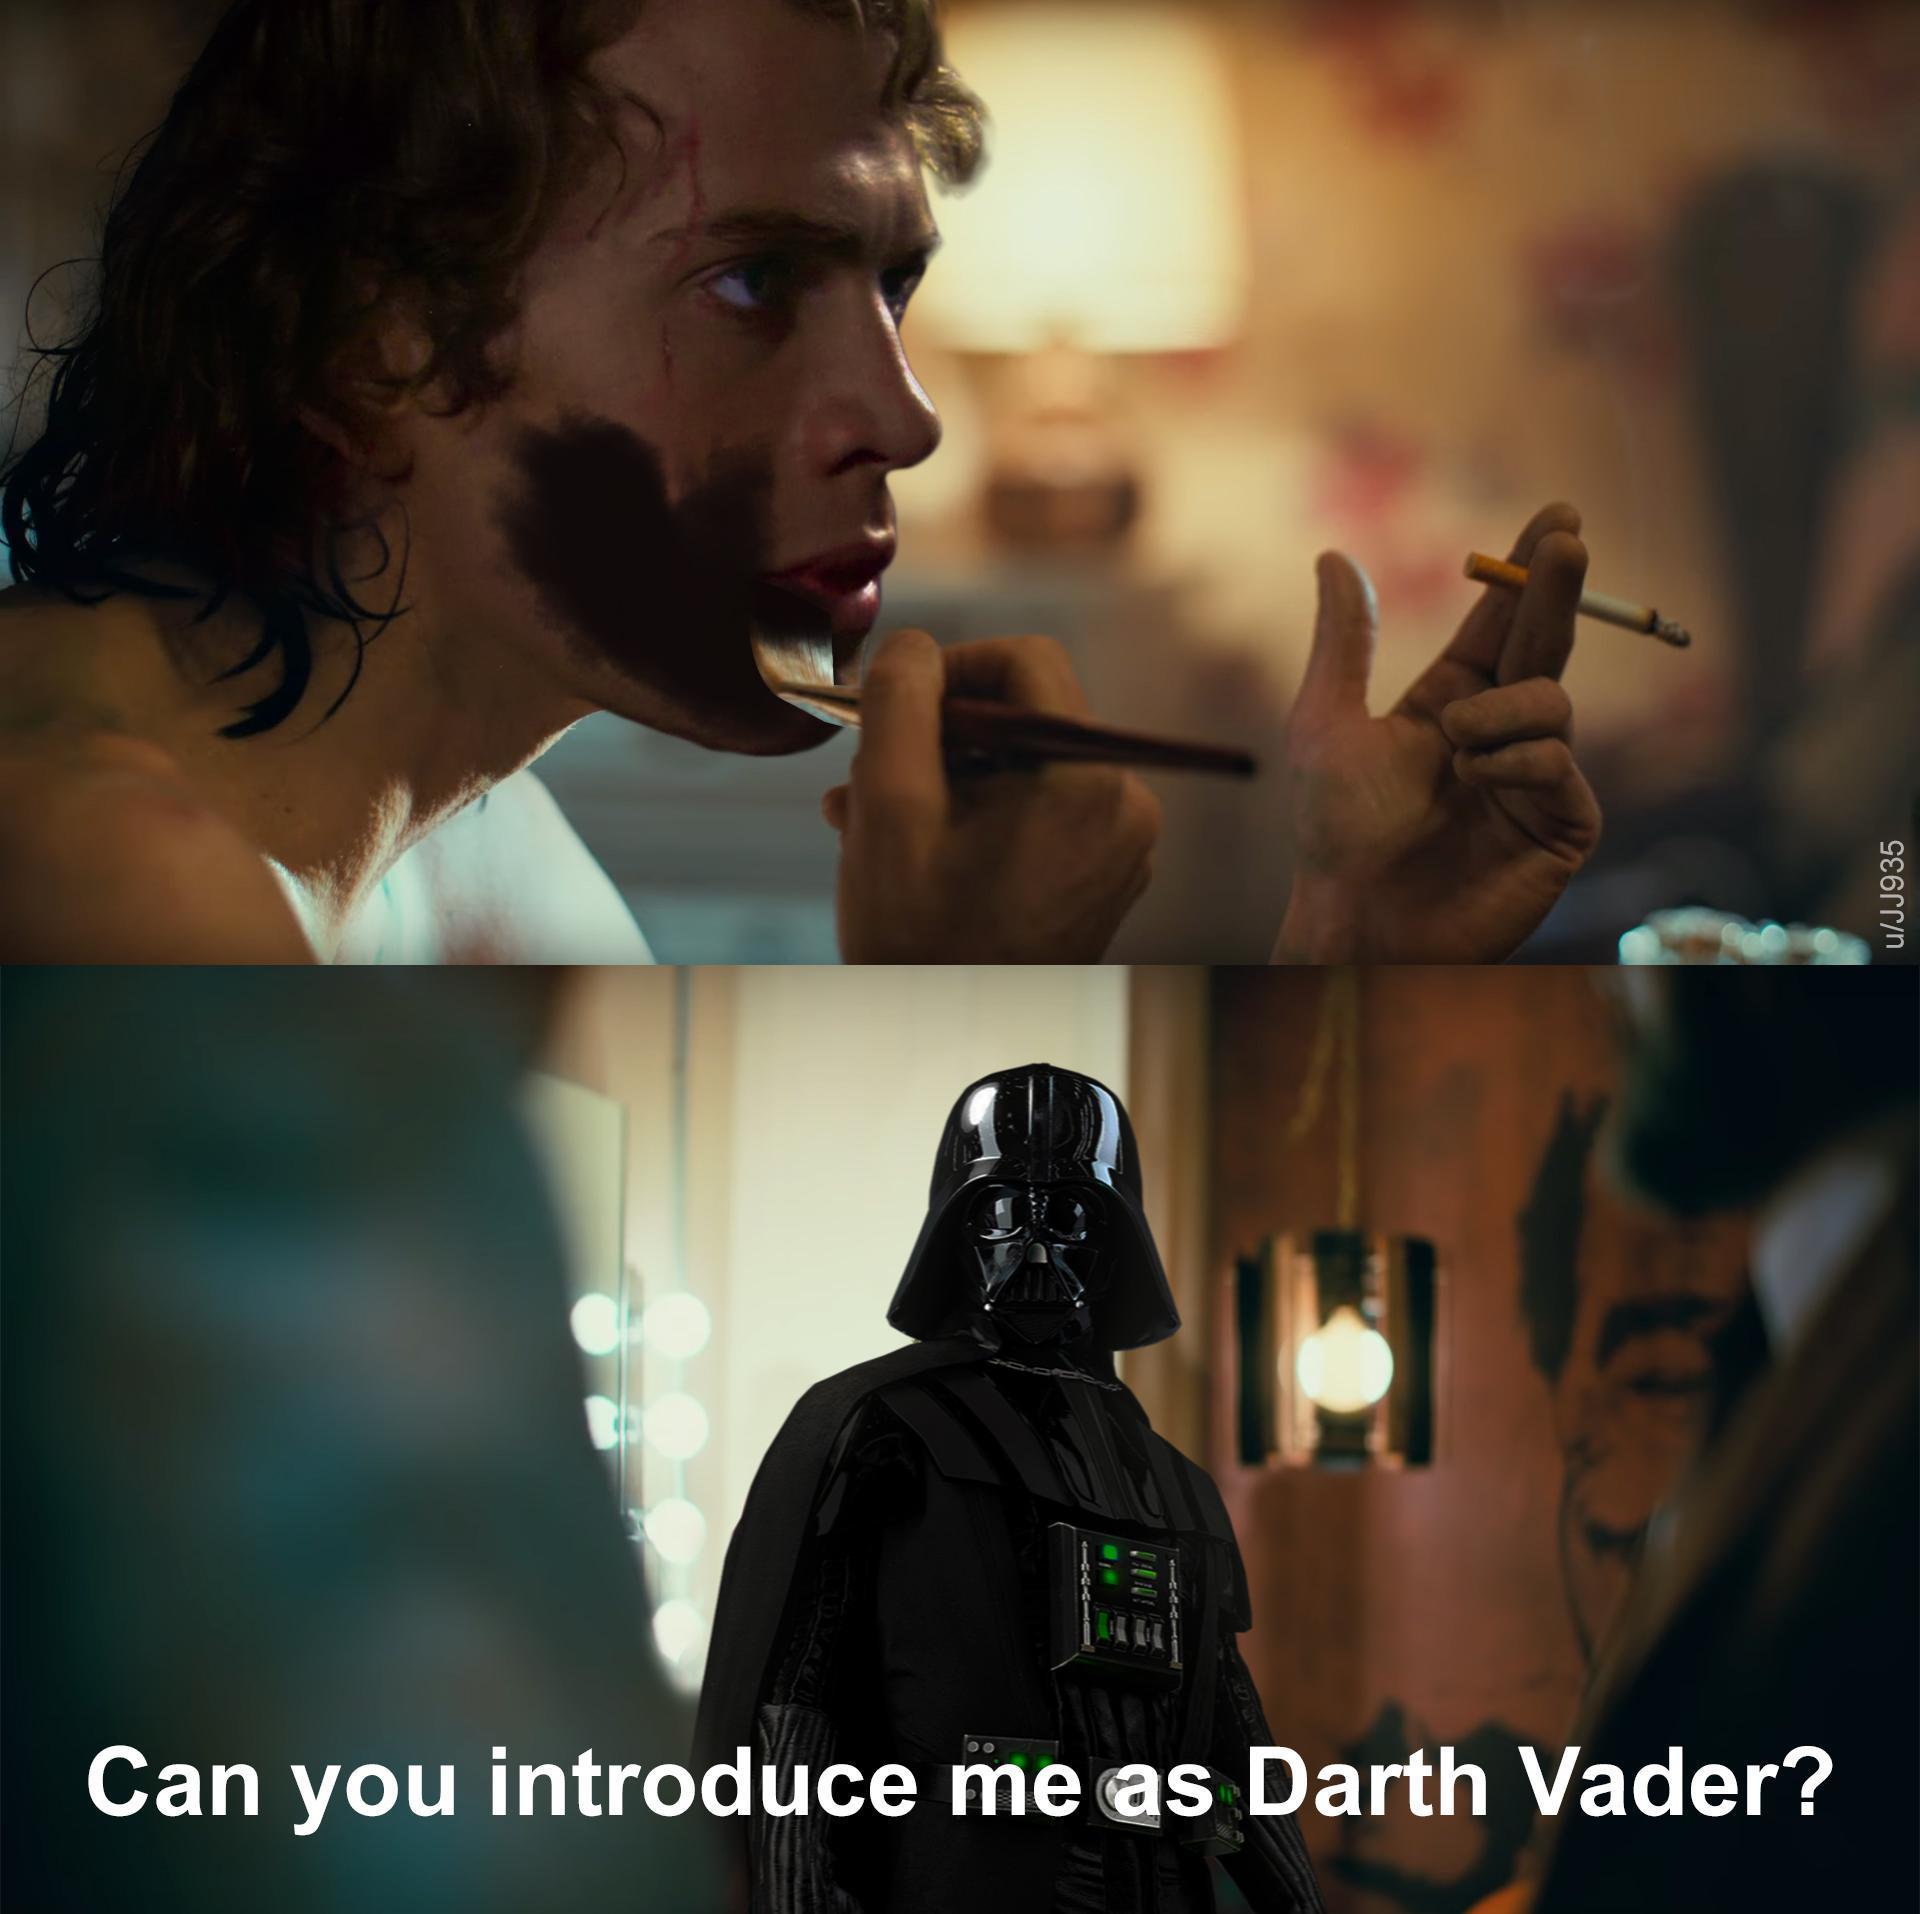 Pode me apresentar como Darth Vader? - meme